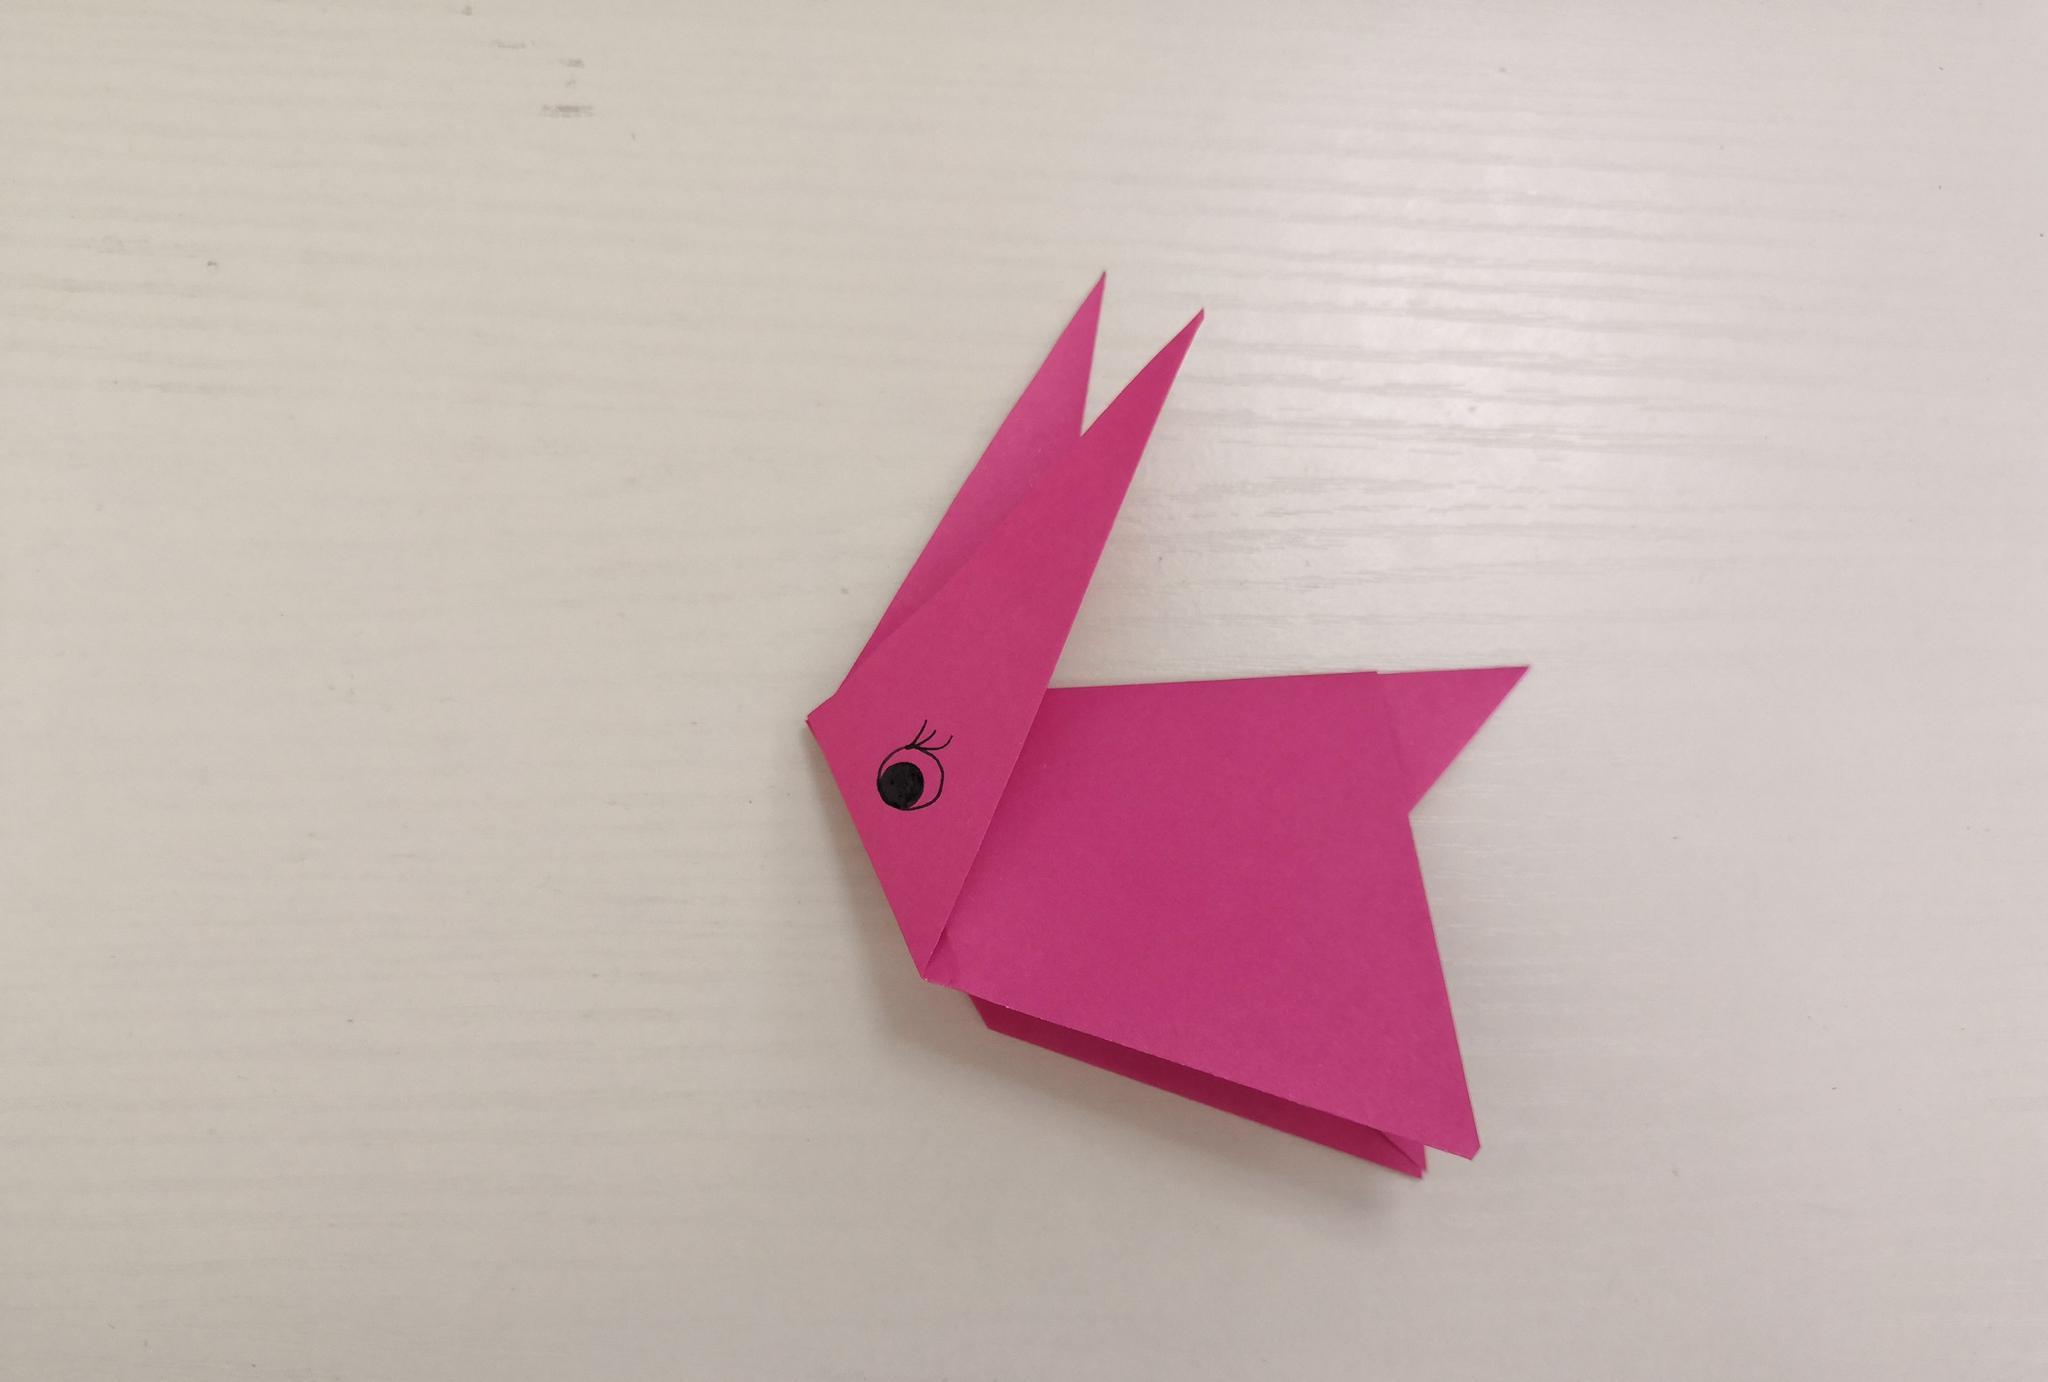 育儿:兔子折纸教程,简单易学,适合小朋友动手制作